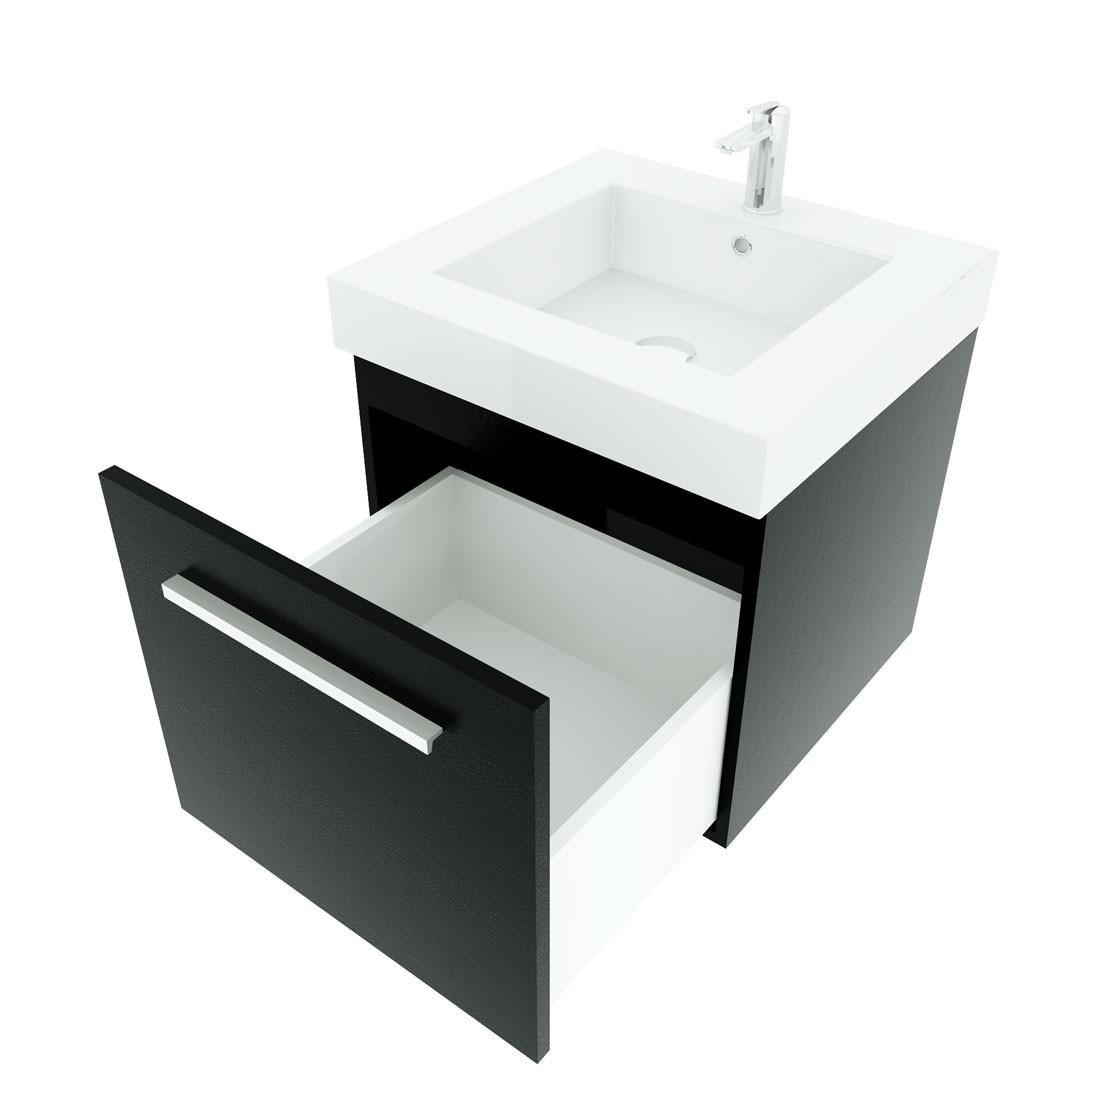 Waschbecken Mit Unterschrank Gaste Wc Badmobel Waschbecken Mit